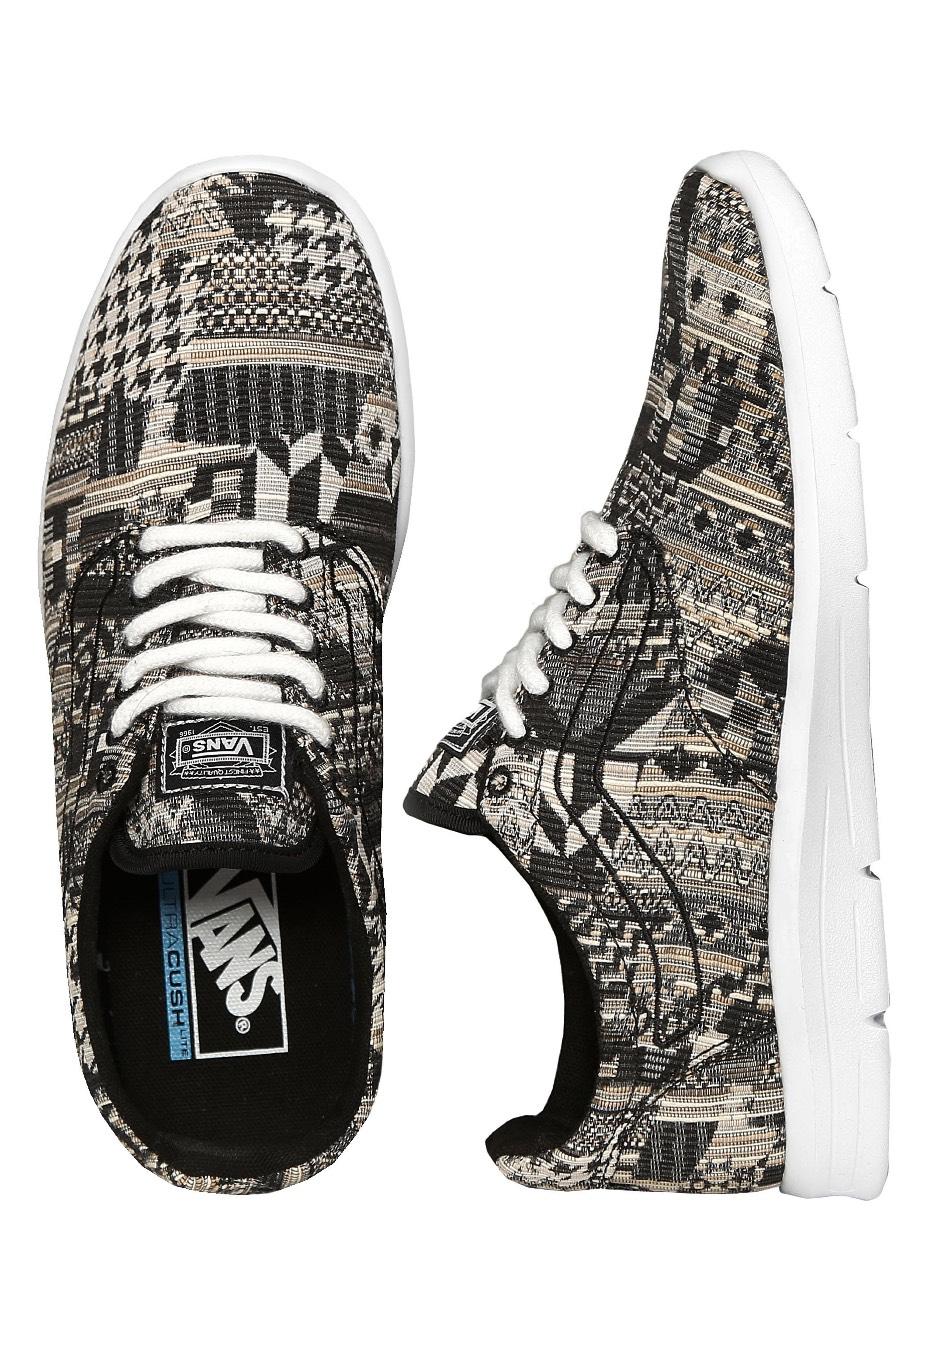 30799491081148 Vans - Iso 1.5 Italian Weave Black White - Girl Shoes - Impericon.com UK